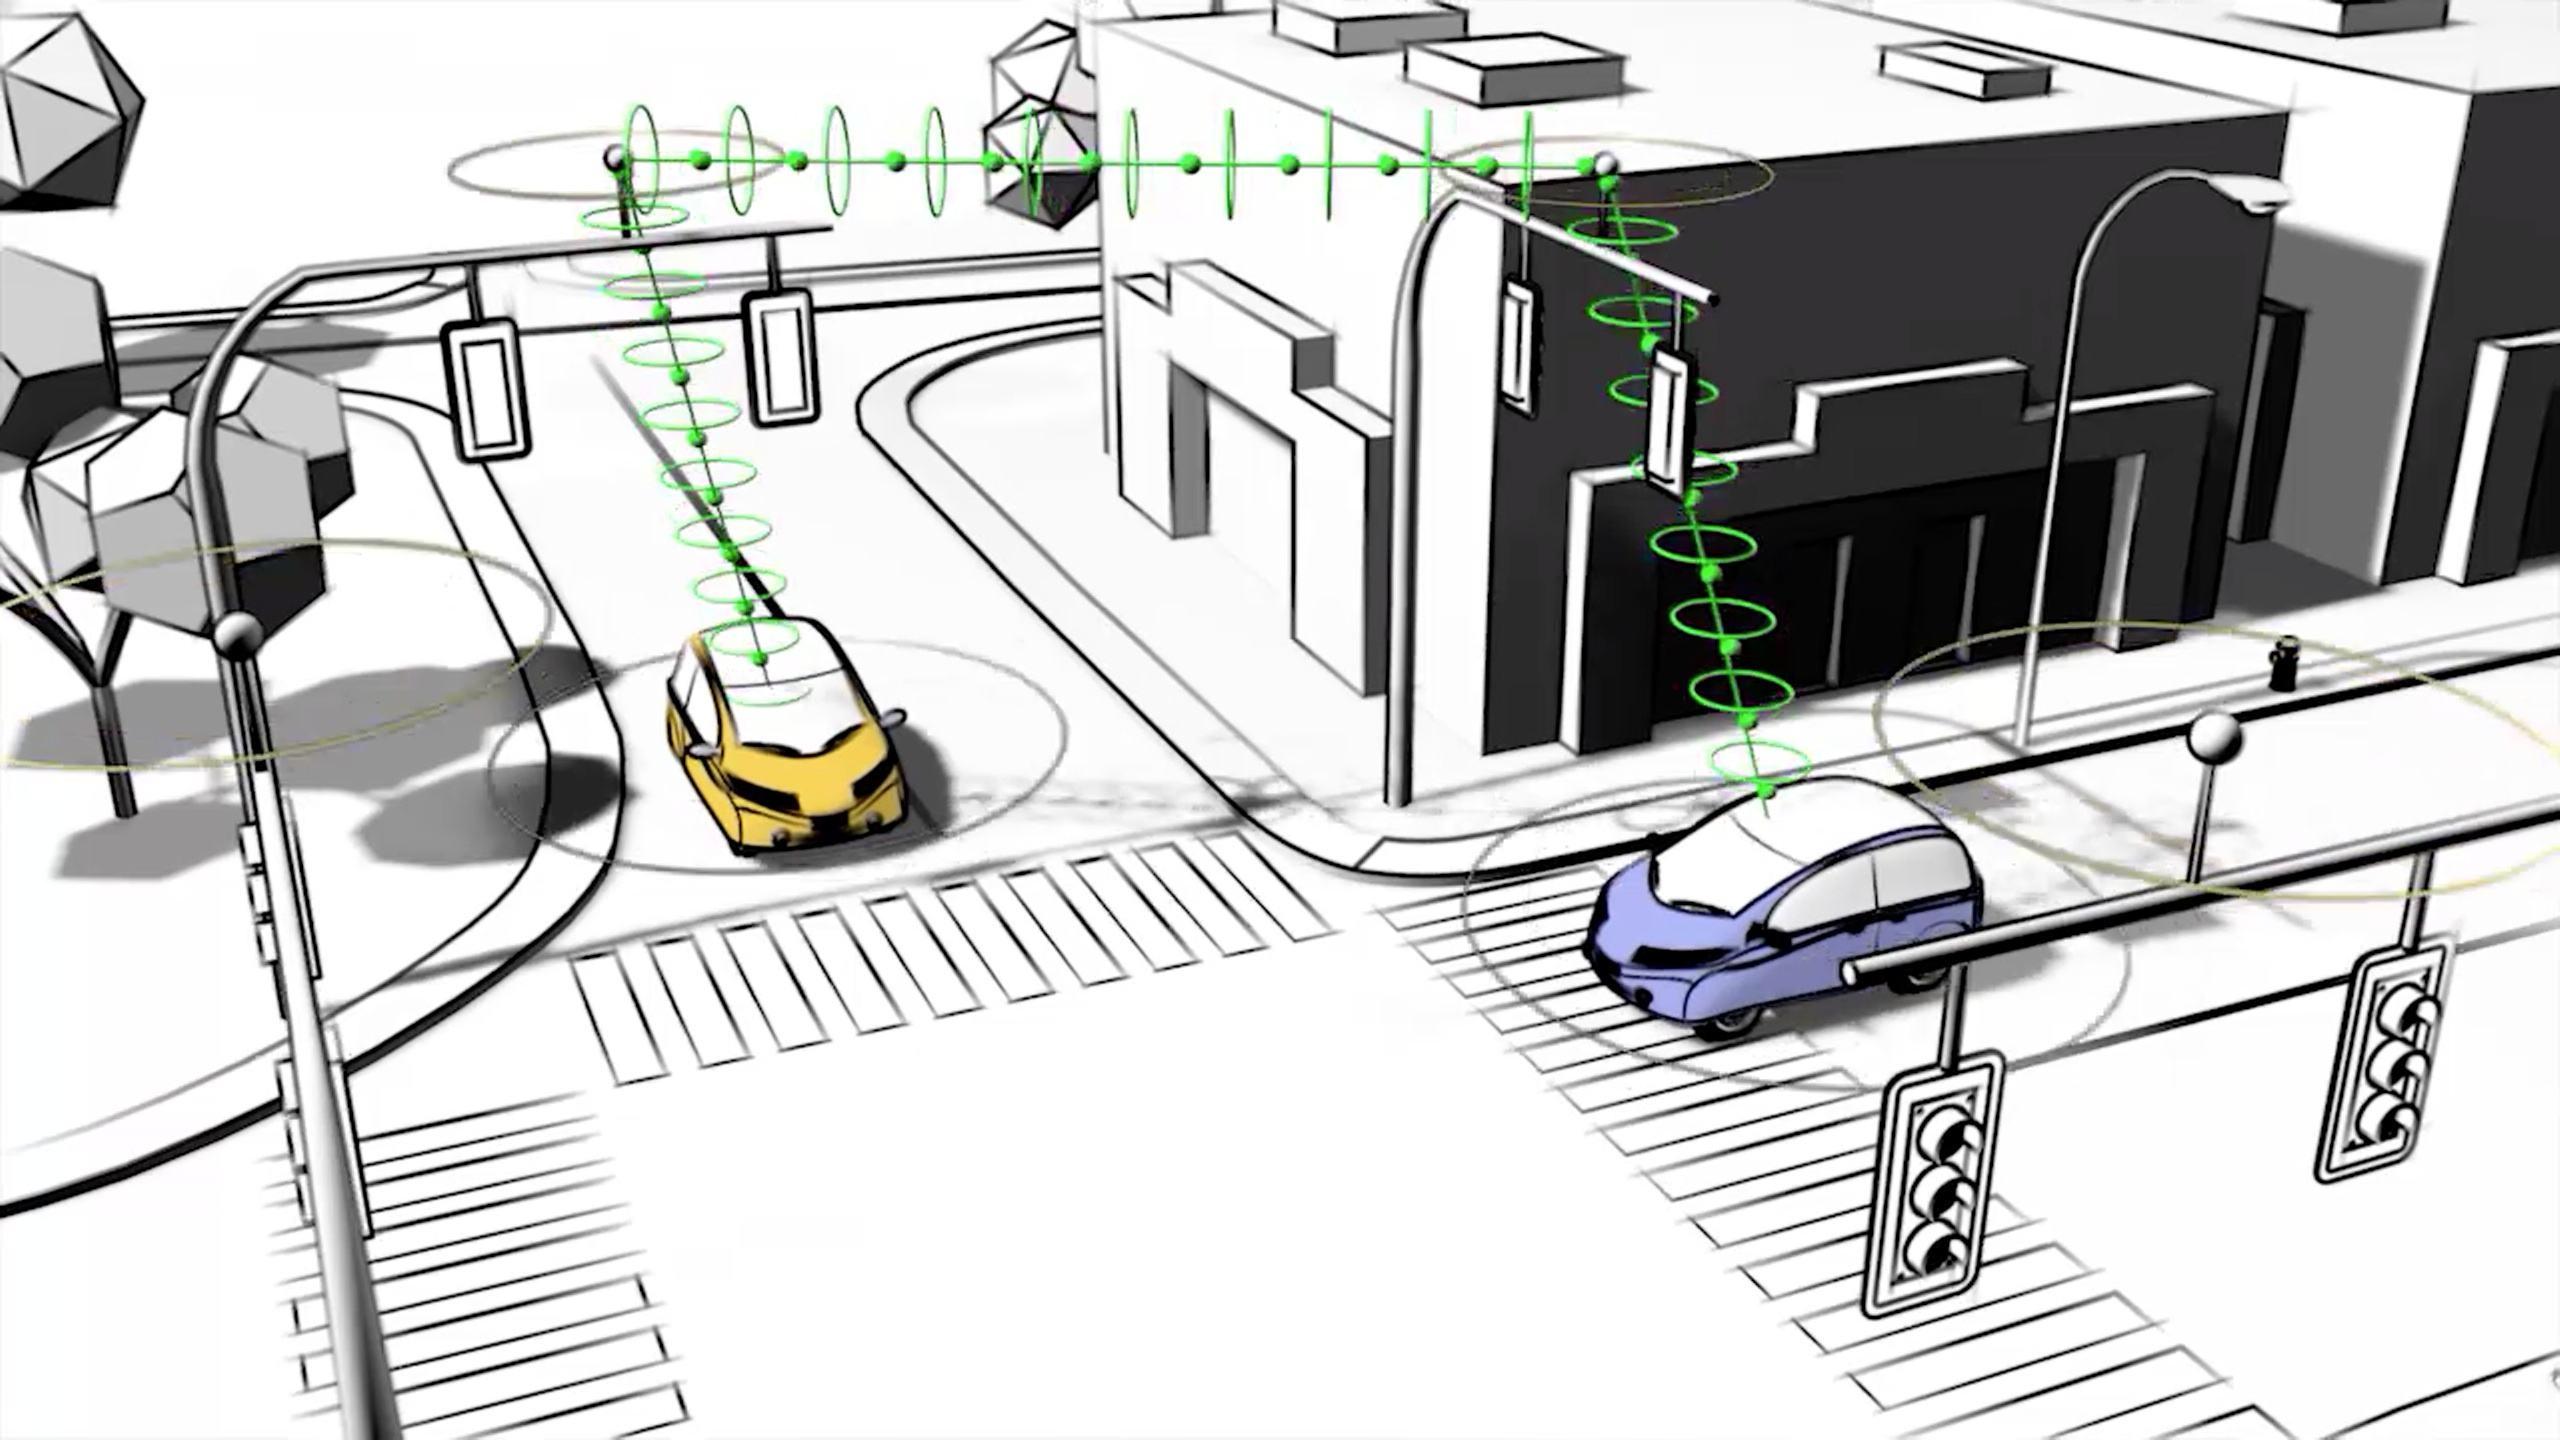 英特尔:多数人认为未来50年内自动驾驶汽车将普及